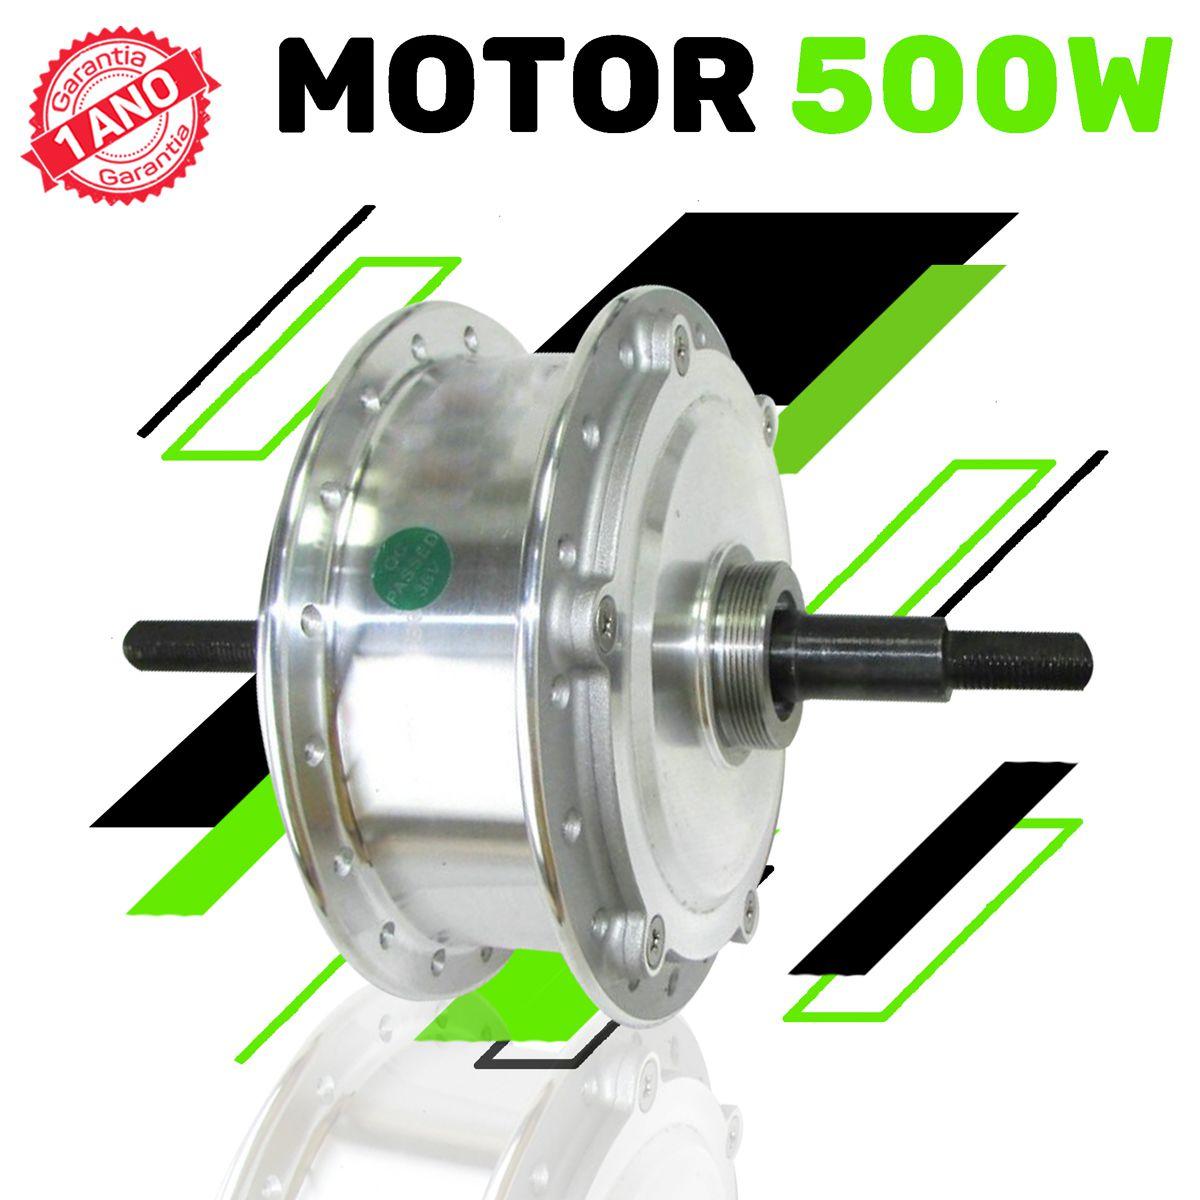 Bicicleta Elétrica Aro 29 Aluminio Bateria de Litio TecUltra - 500 watts - Freio Hidráulico